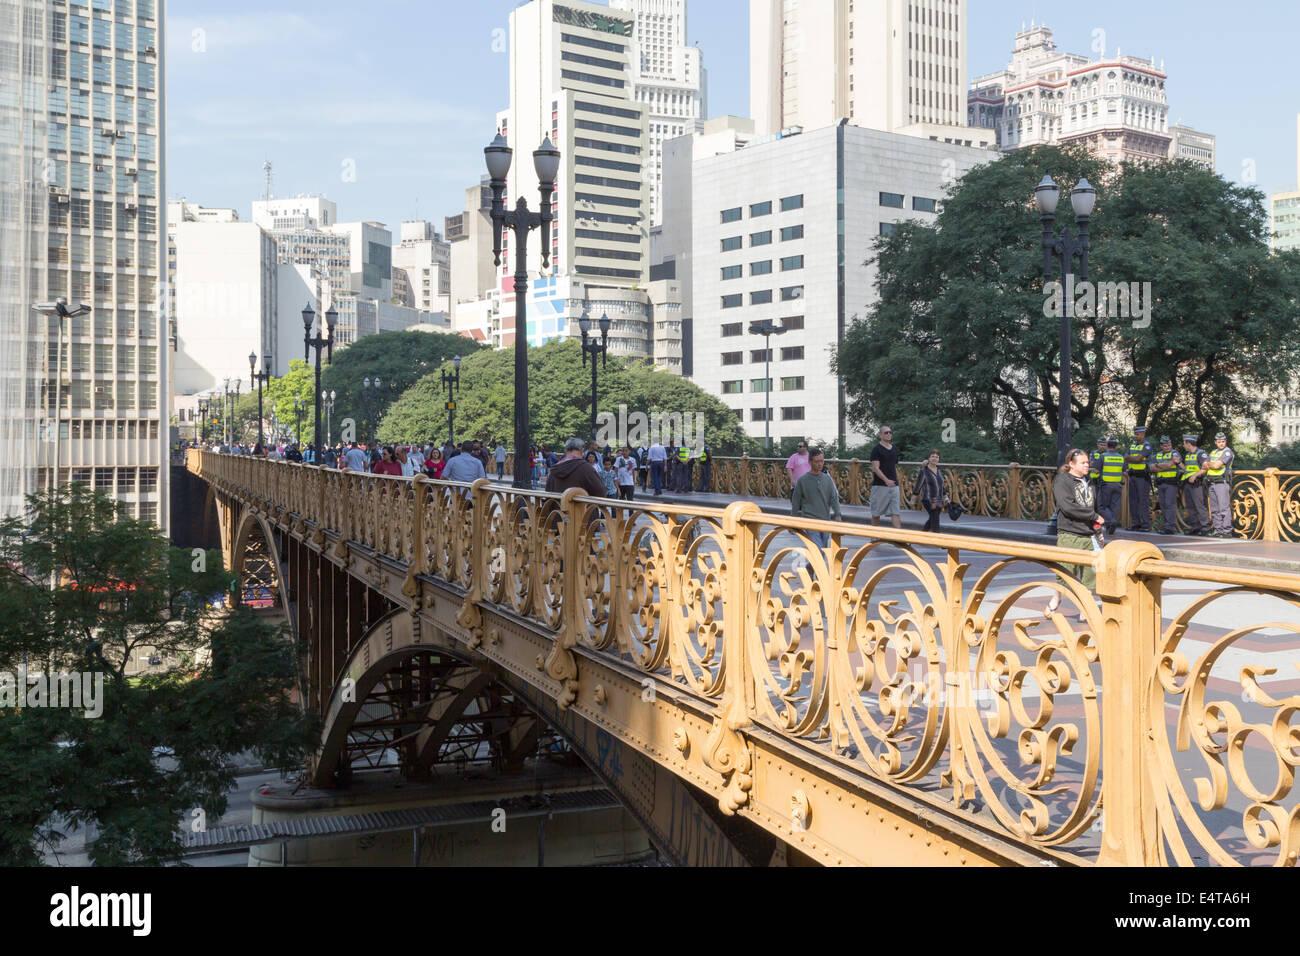 Les gens marchent sur le Viaduto do Santa Ifigenia, Sao Paulo, Brésil Photo Stock